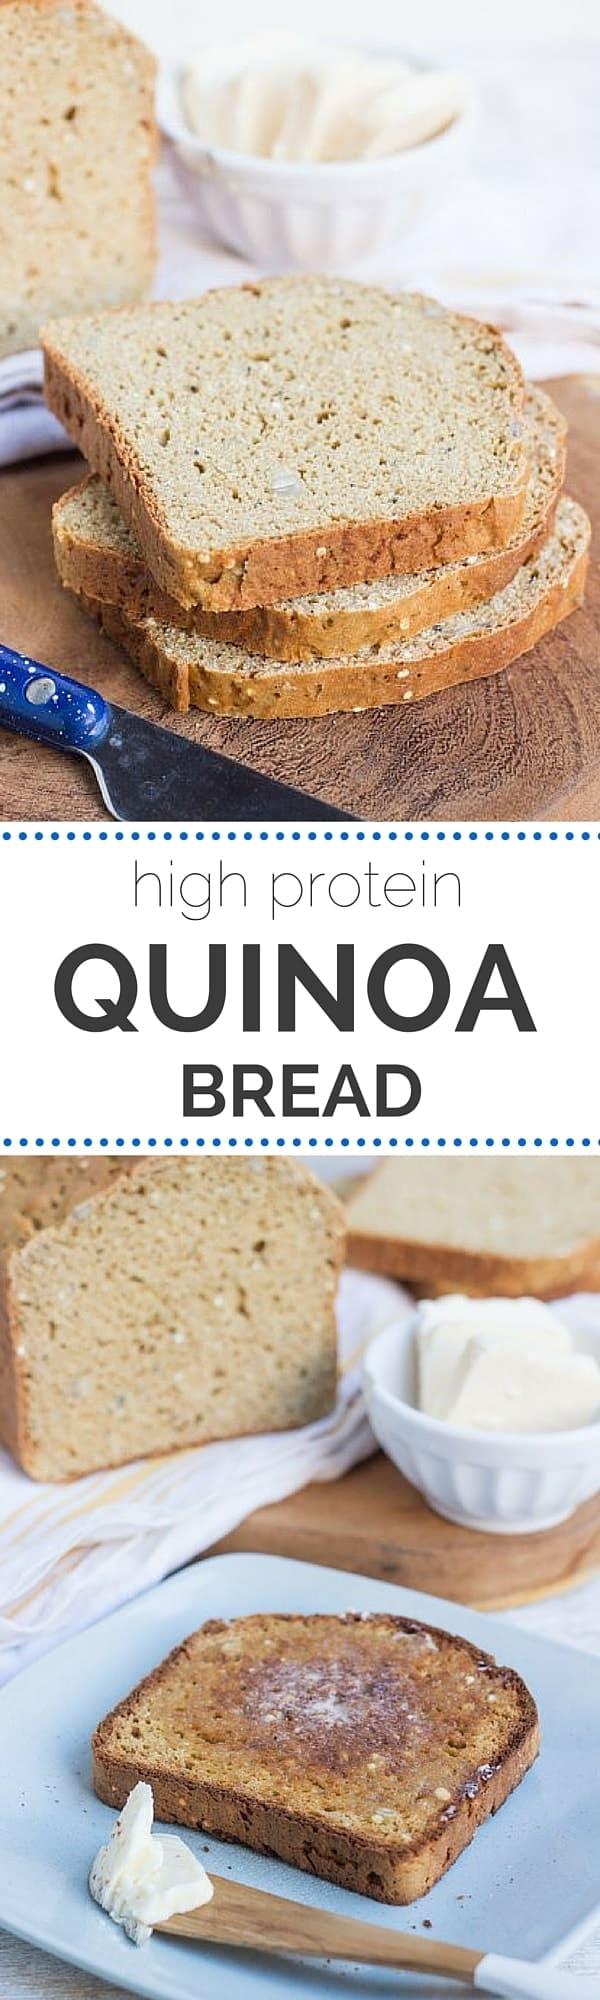 make quinoa bread